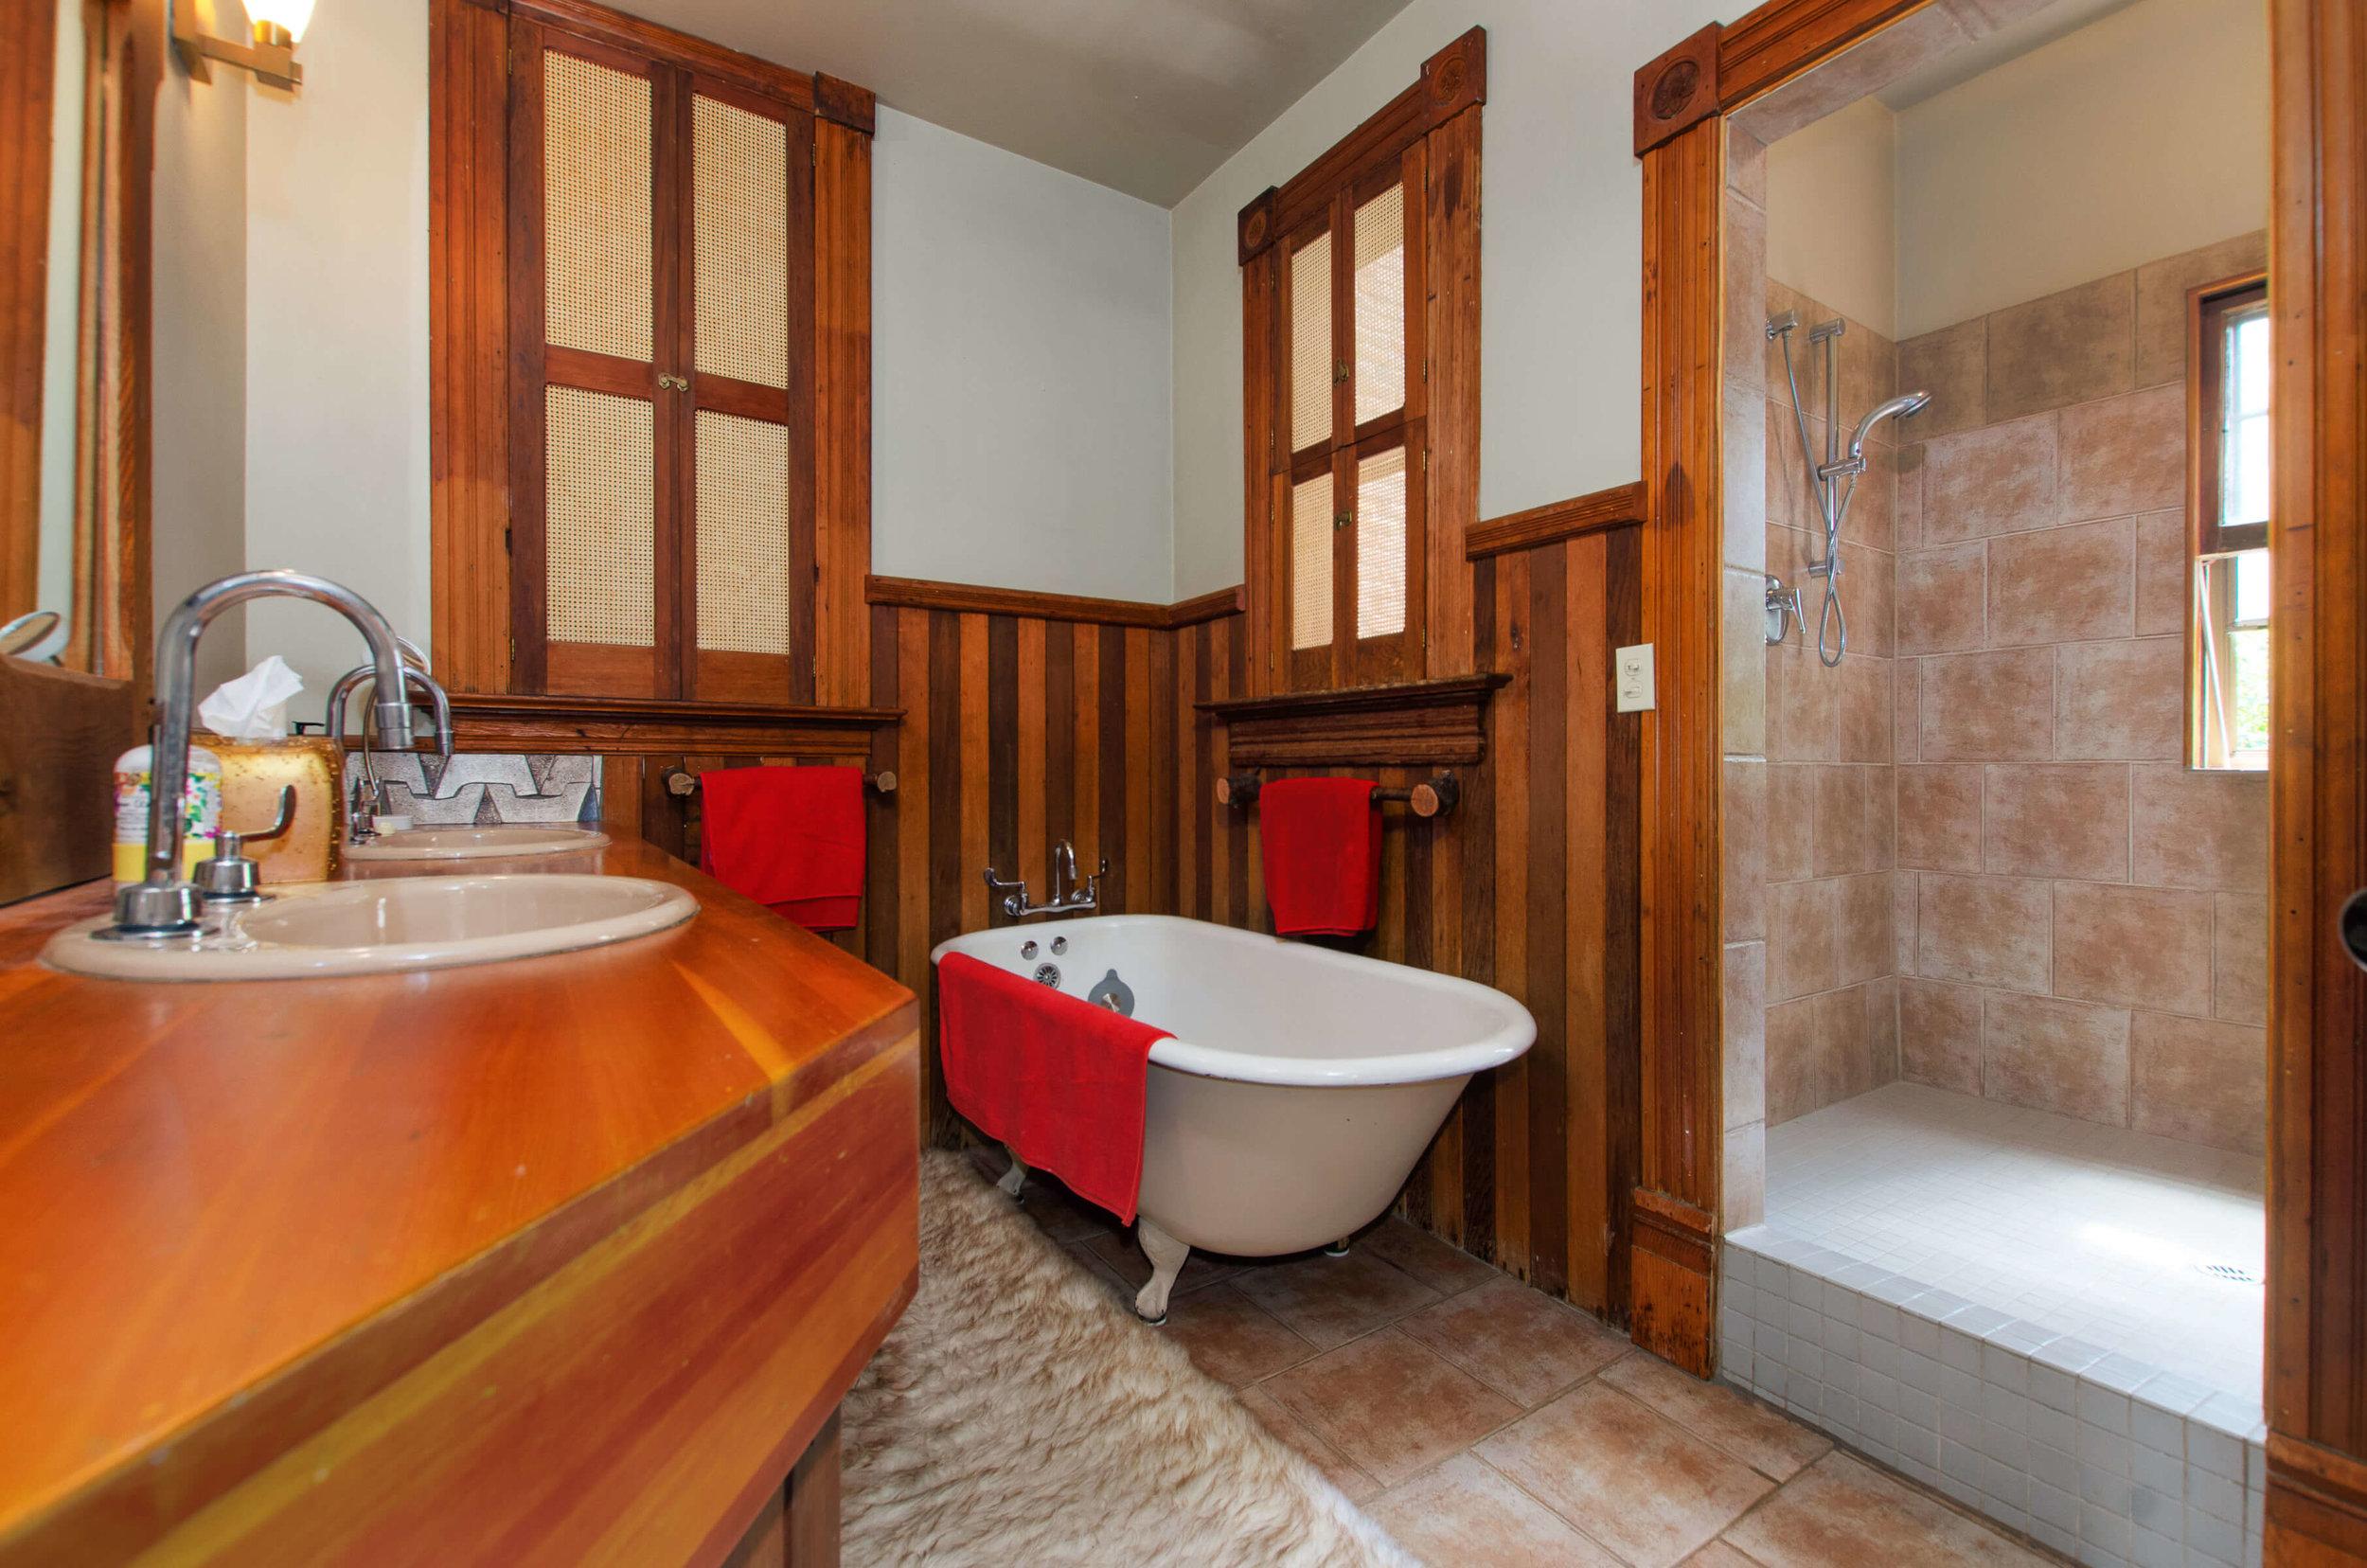 029_Claw Foot Tub & Walk-In Shower.jpg